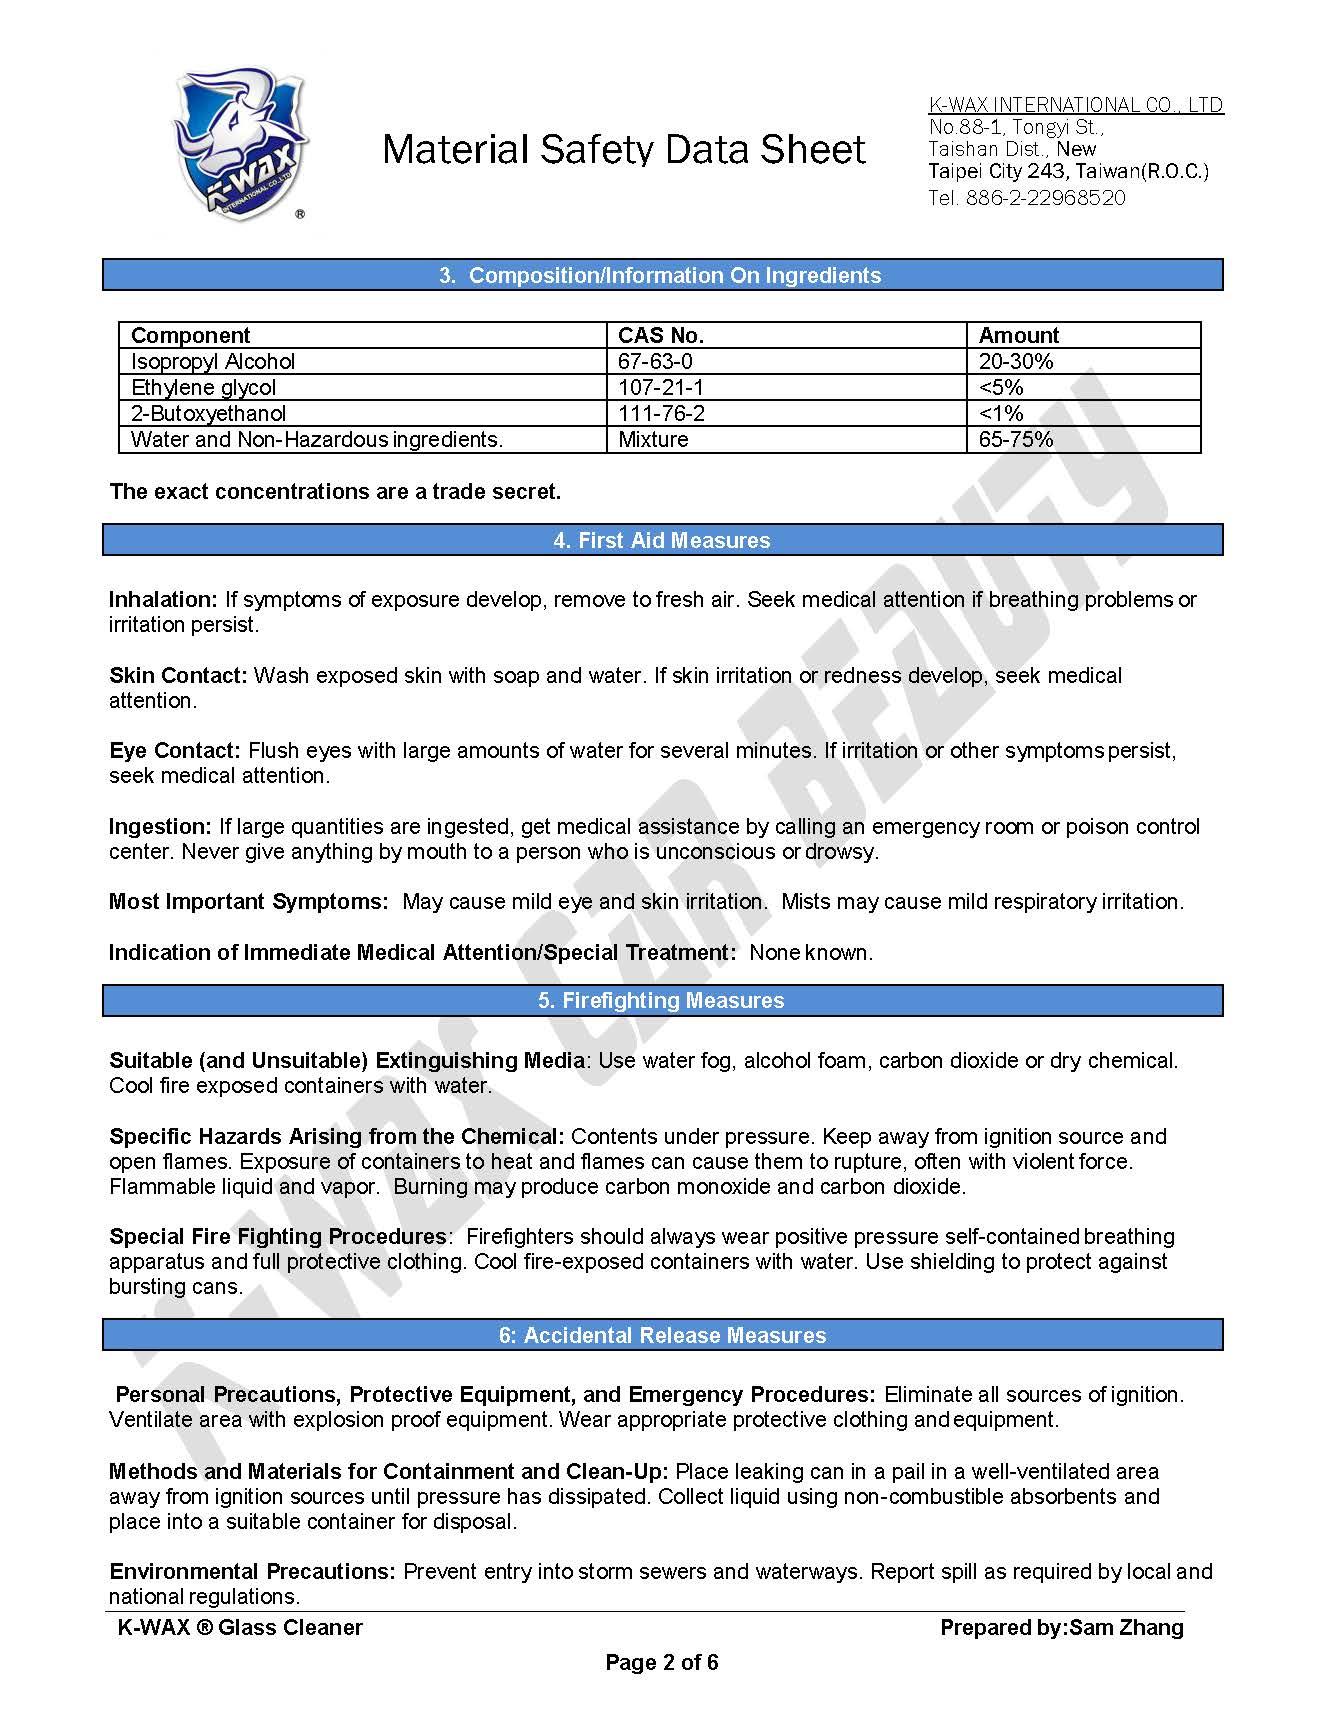 玻璃清潔劑 MSDS_页面_2.jpg